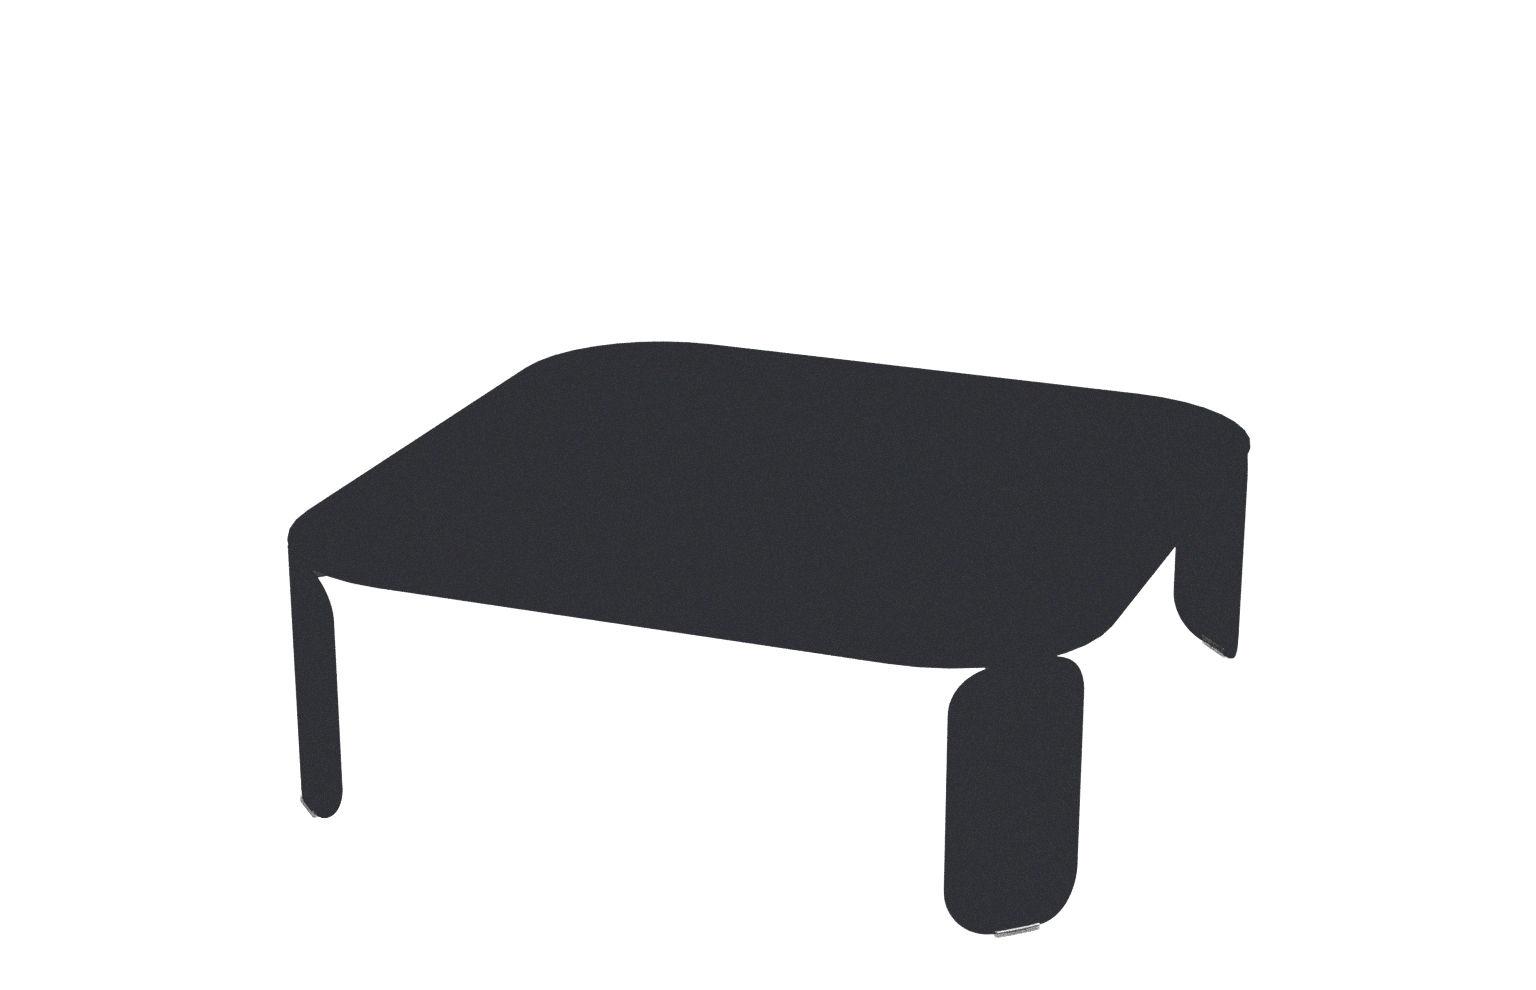 Arredamento - Tavolini  - Tavolino Bebop - / L 90 x H 29 cm di Fermob - Carbone - Acciaio, Alluminio